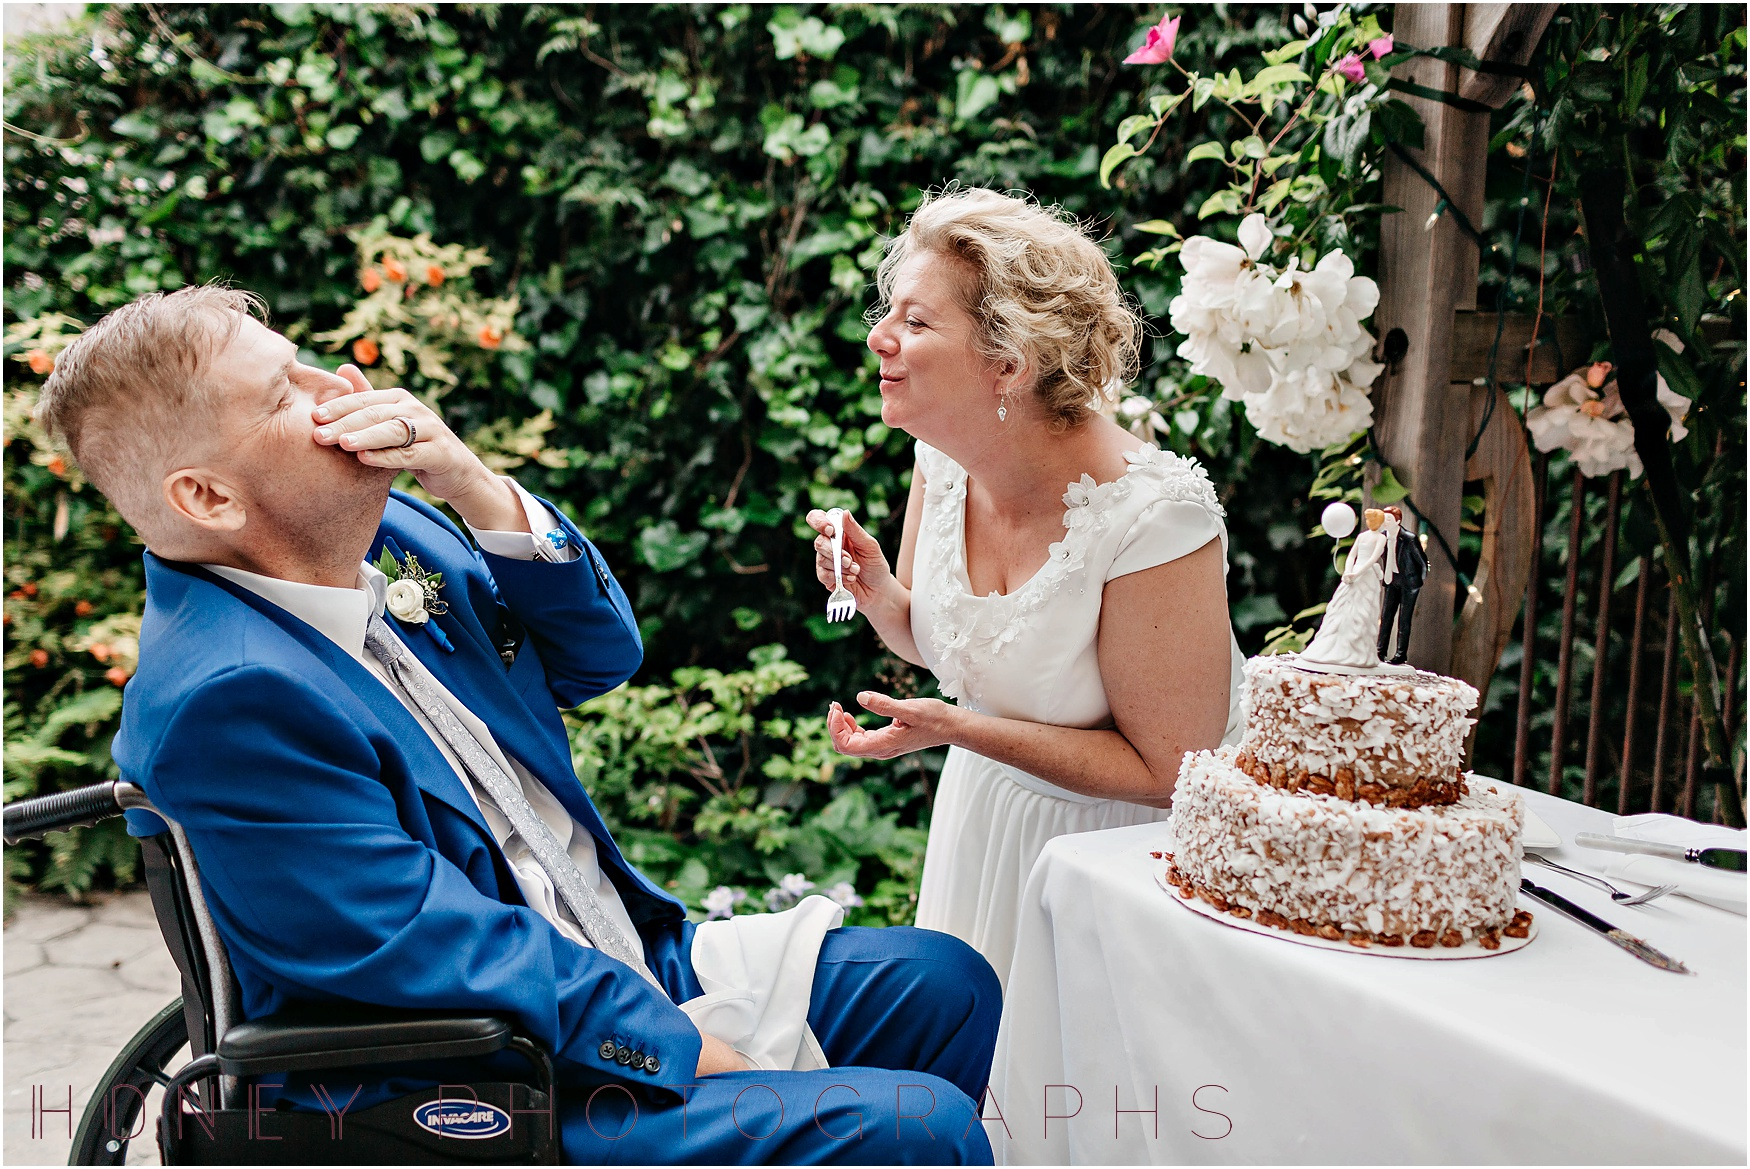 cambria-san-lois-obispo-wedding-garden-intimate49.jpg